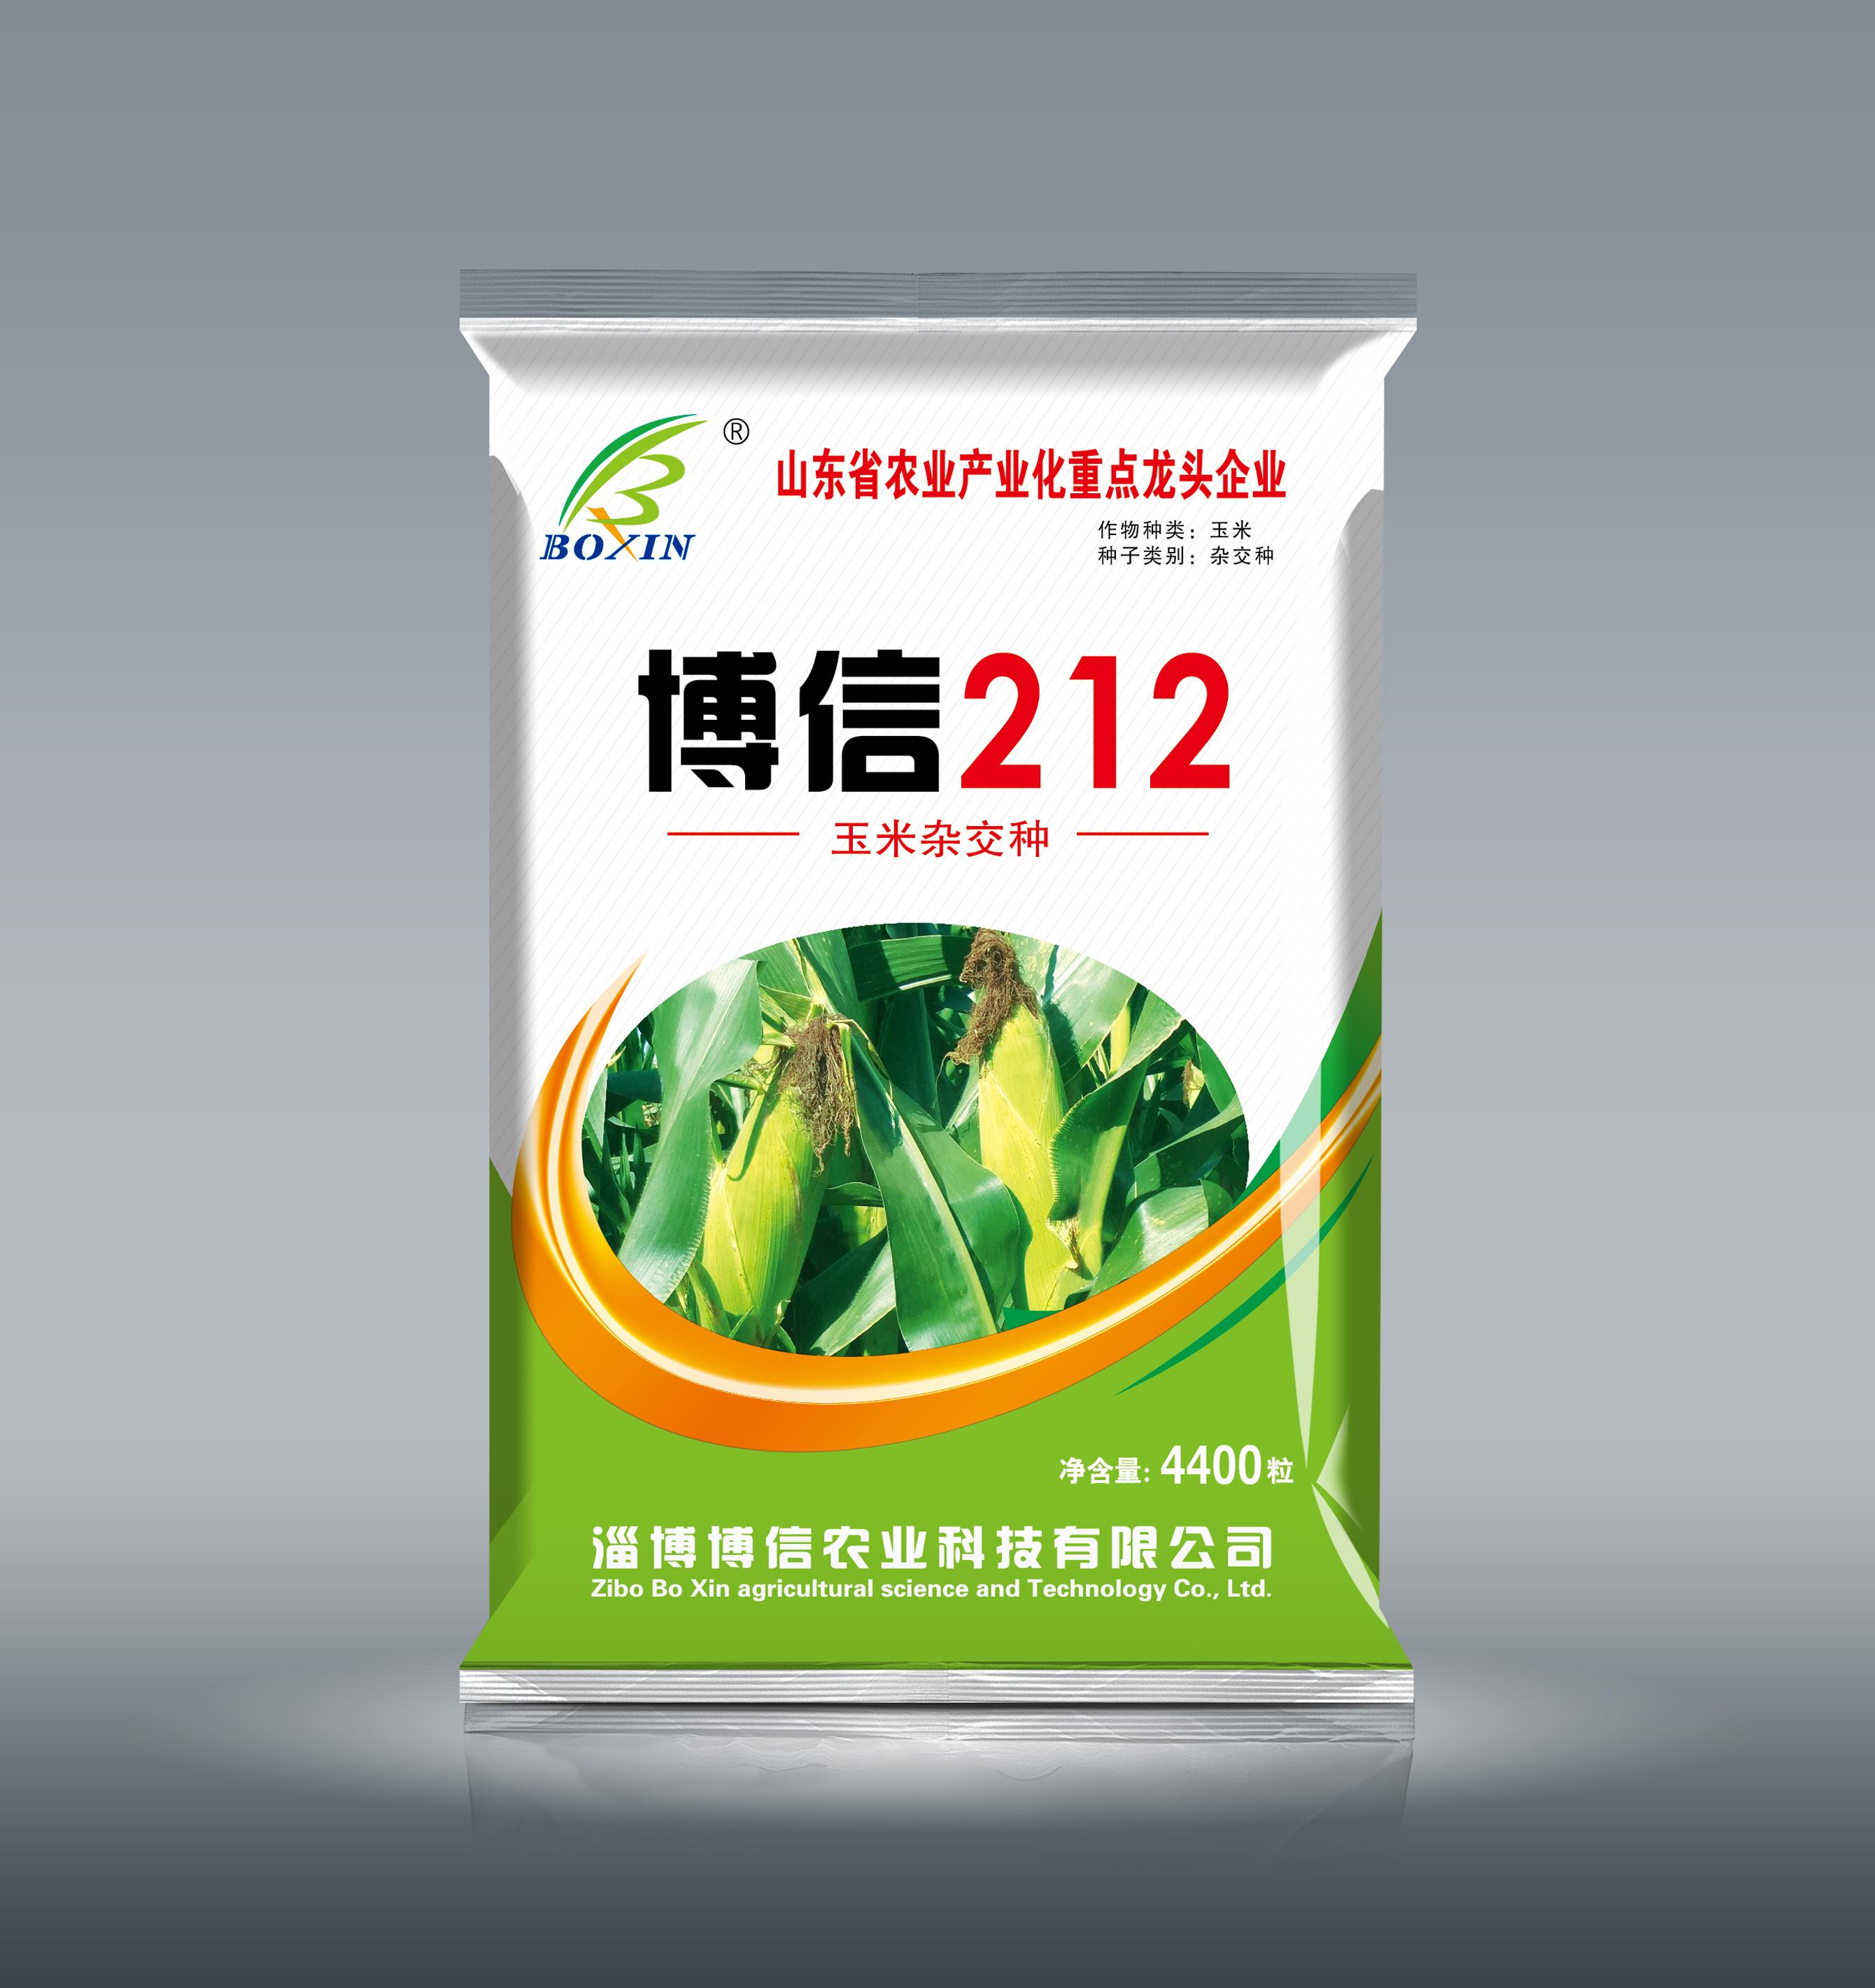 博信212玉米种子产品介绍